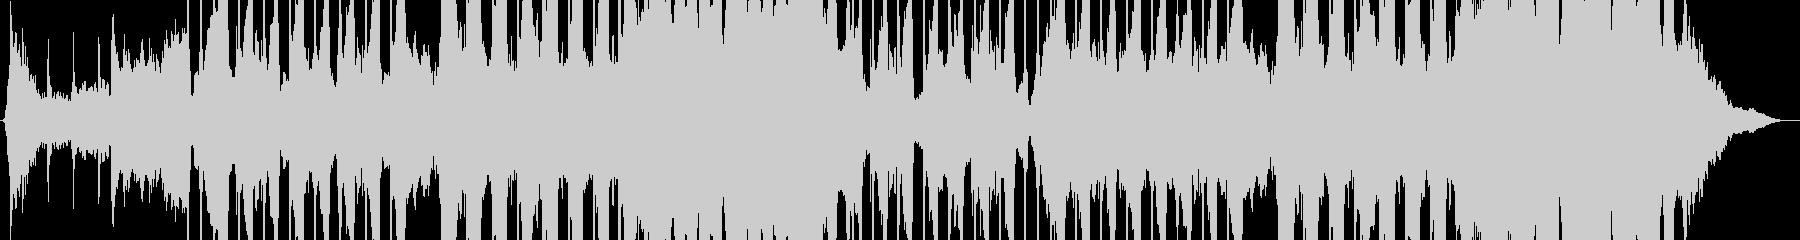 スタイリッシュで雰囲気のある岩の未再生の波形